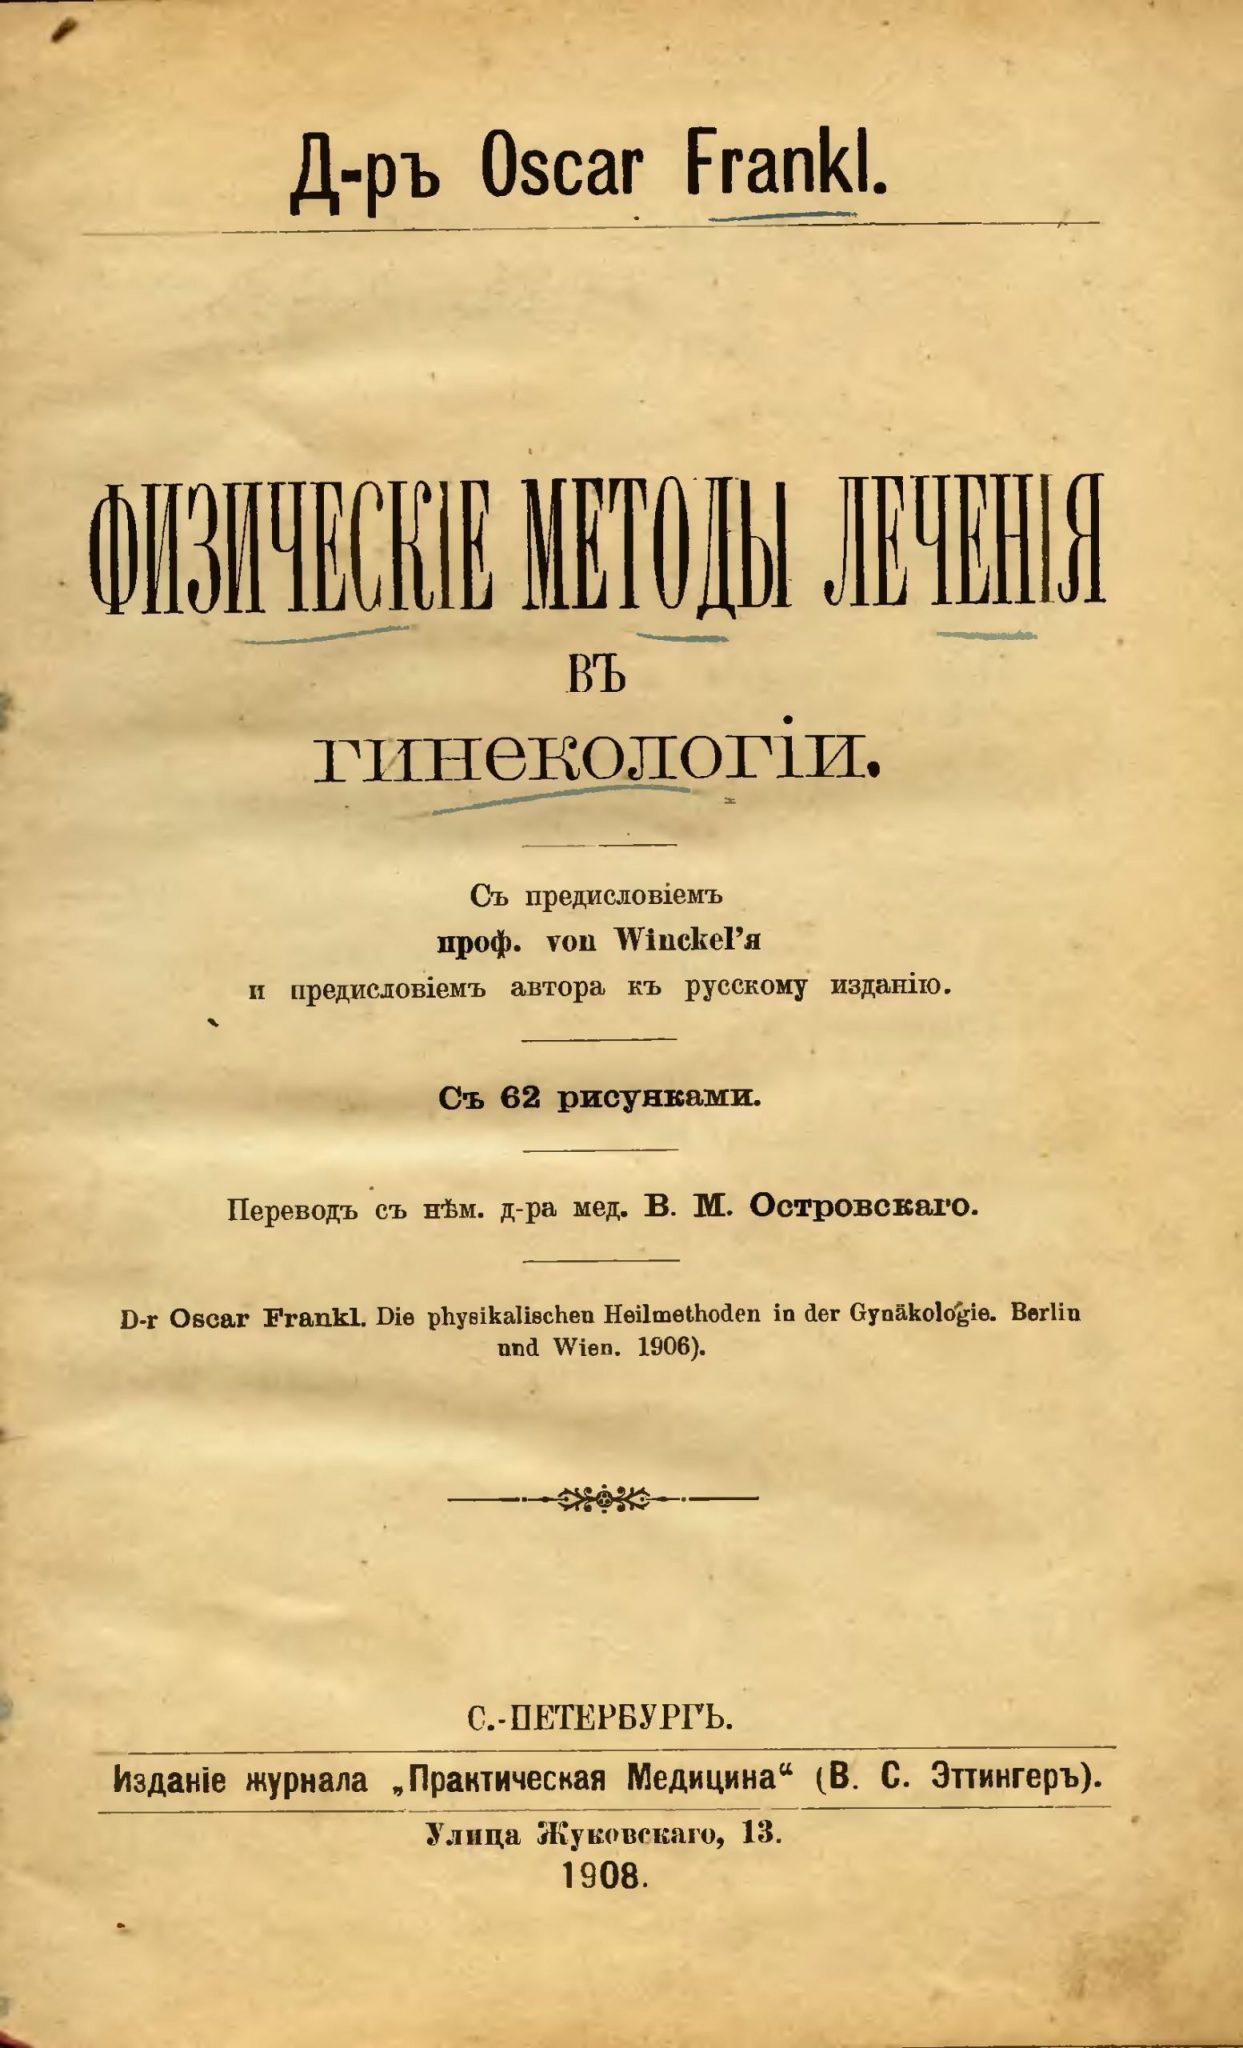 Физические методы лечения в гинекологии (1908). Доктор Оскар Франкл